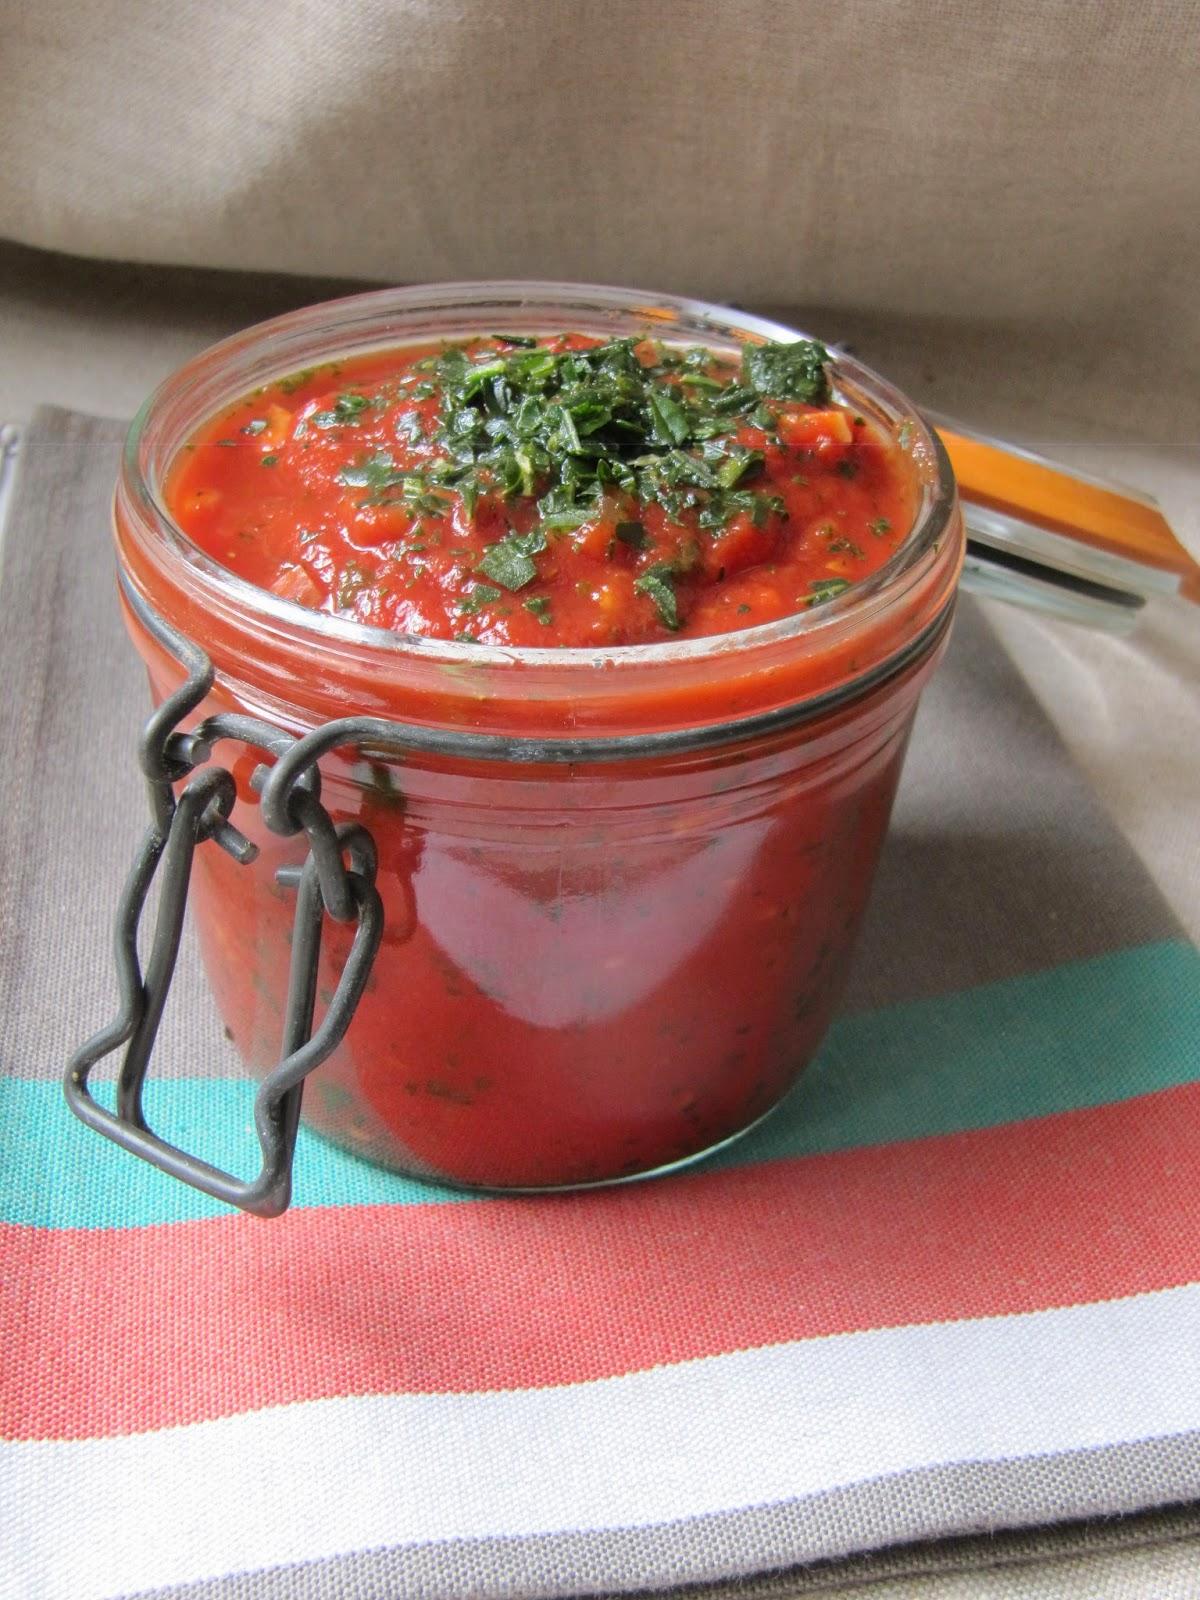 La cuisine d 39 ici et d 39 isca sauce tomate l g re - Cuisine legere au quotidien ...